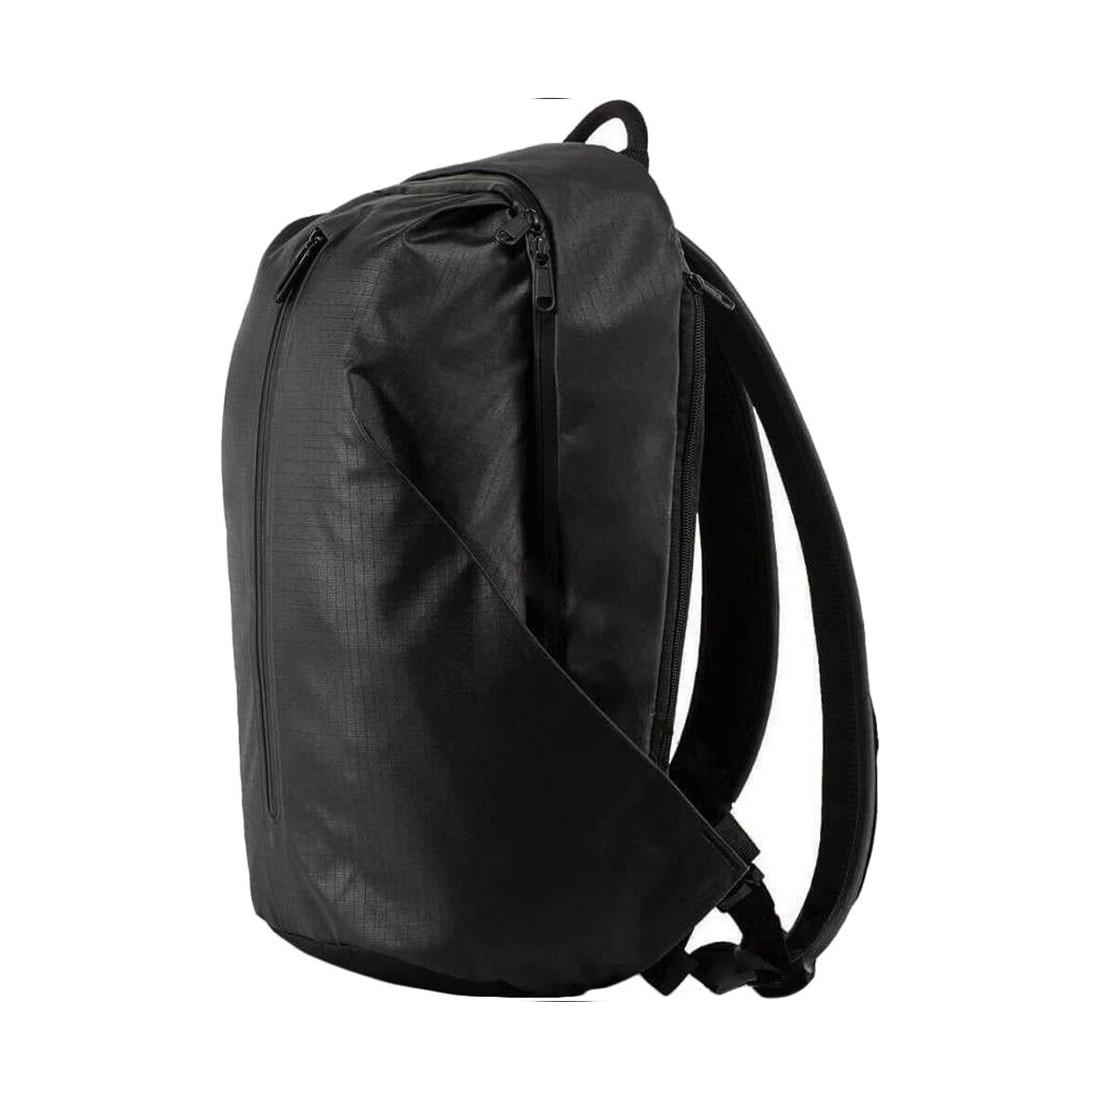 Рюкзак для ноутбука, Xiaomi, 6970055342407, Urban, 2 внешних отделения, Органайзер, 3 внутренних отд